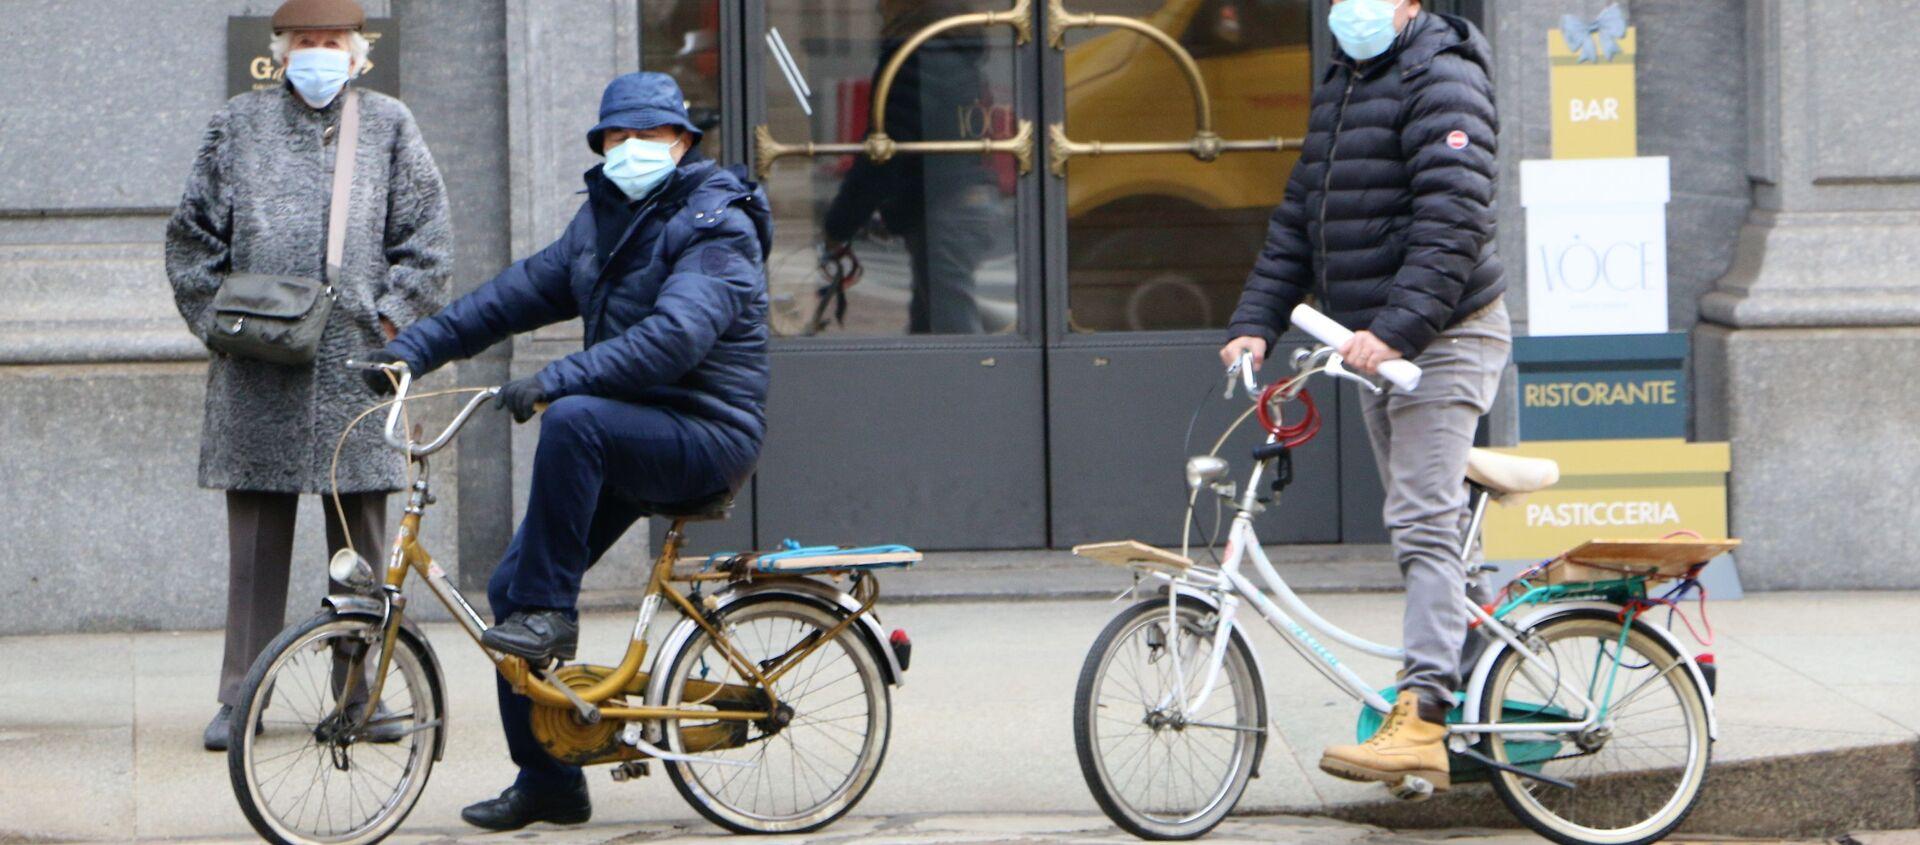 Le persone in bici a Milano, Italia - Sputnik Italia, 1920, 22.02.2021